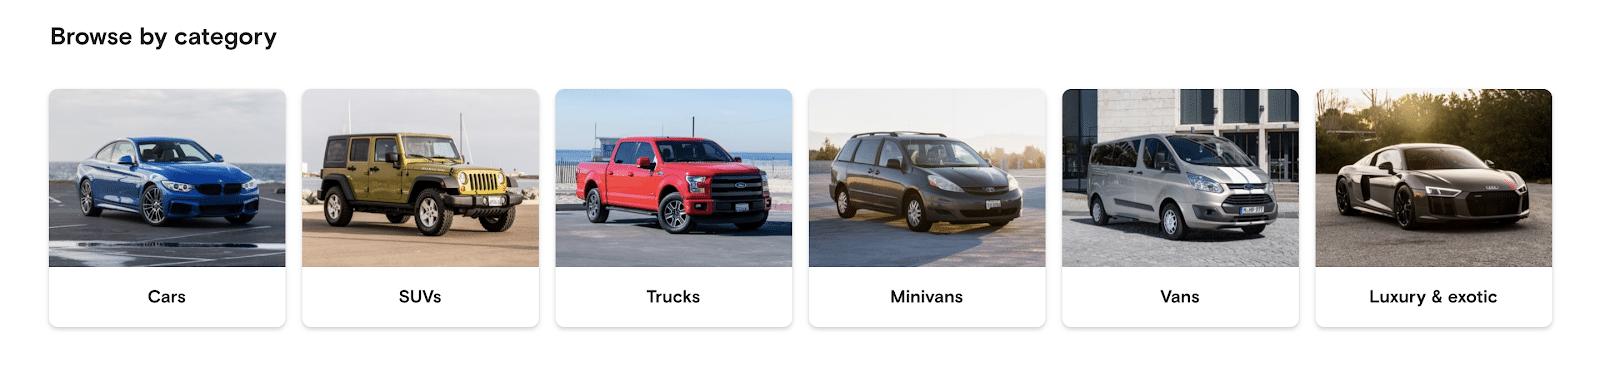 Turo vehicle requirements